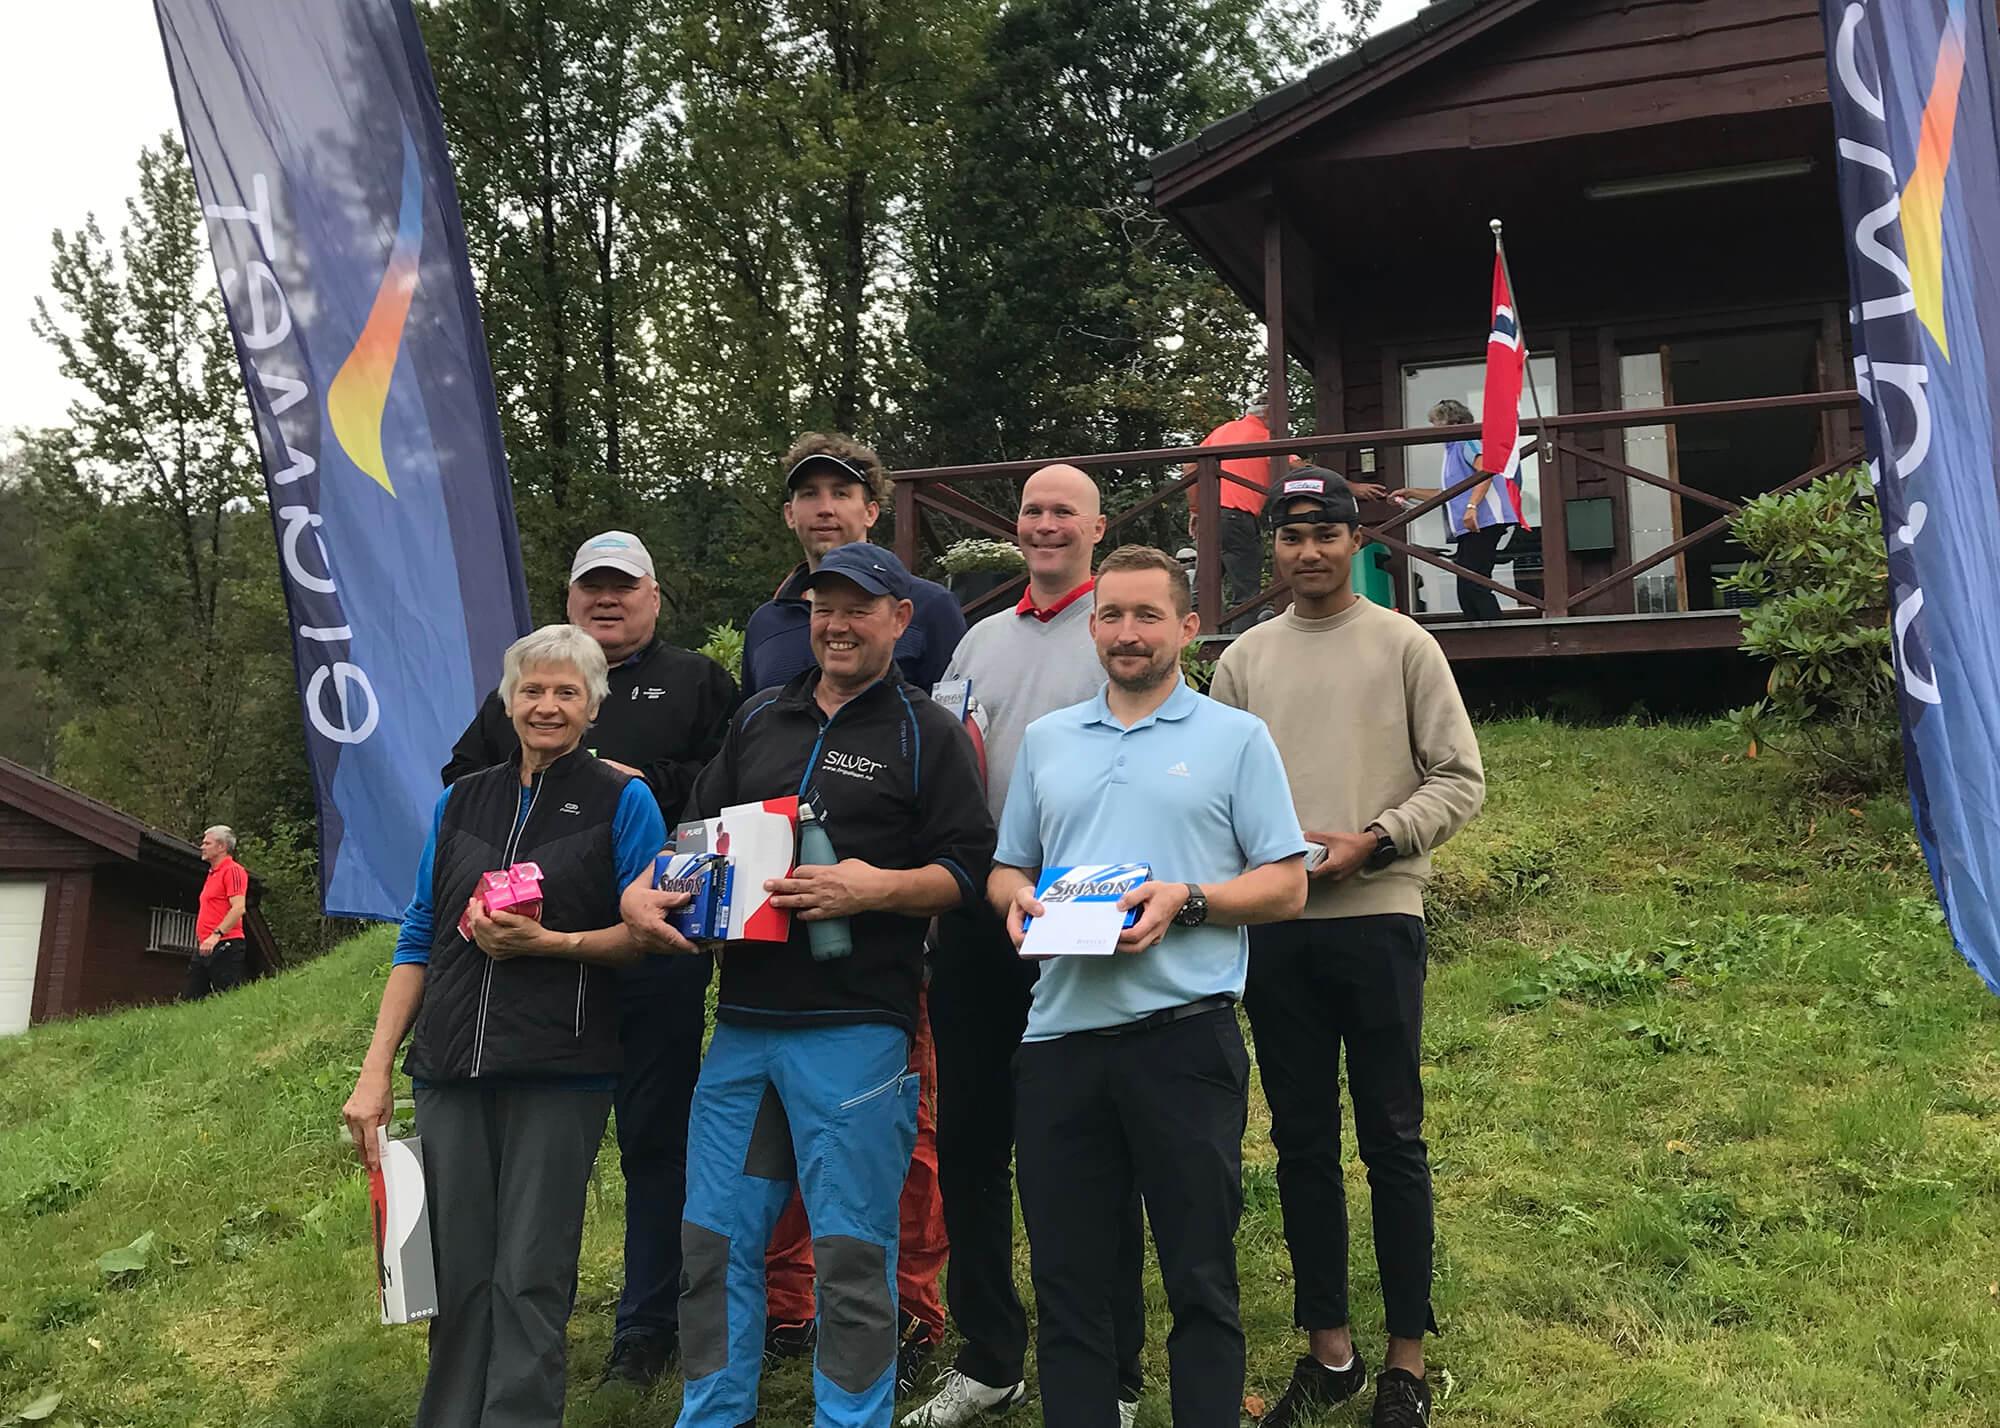 Foran fra venstre: Sigrid Isberg Klyve, Bjørn Håheim og Erik Husebø. Bak: Terje Olsen, Mads Zweedijk, Thomas Sørensen og Watthana Arsapkdee.